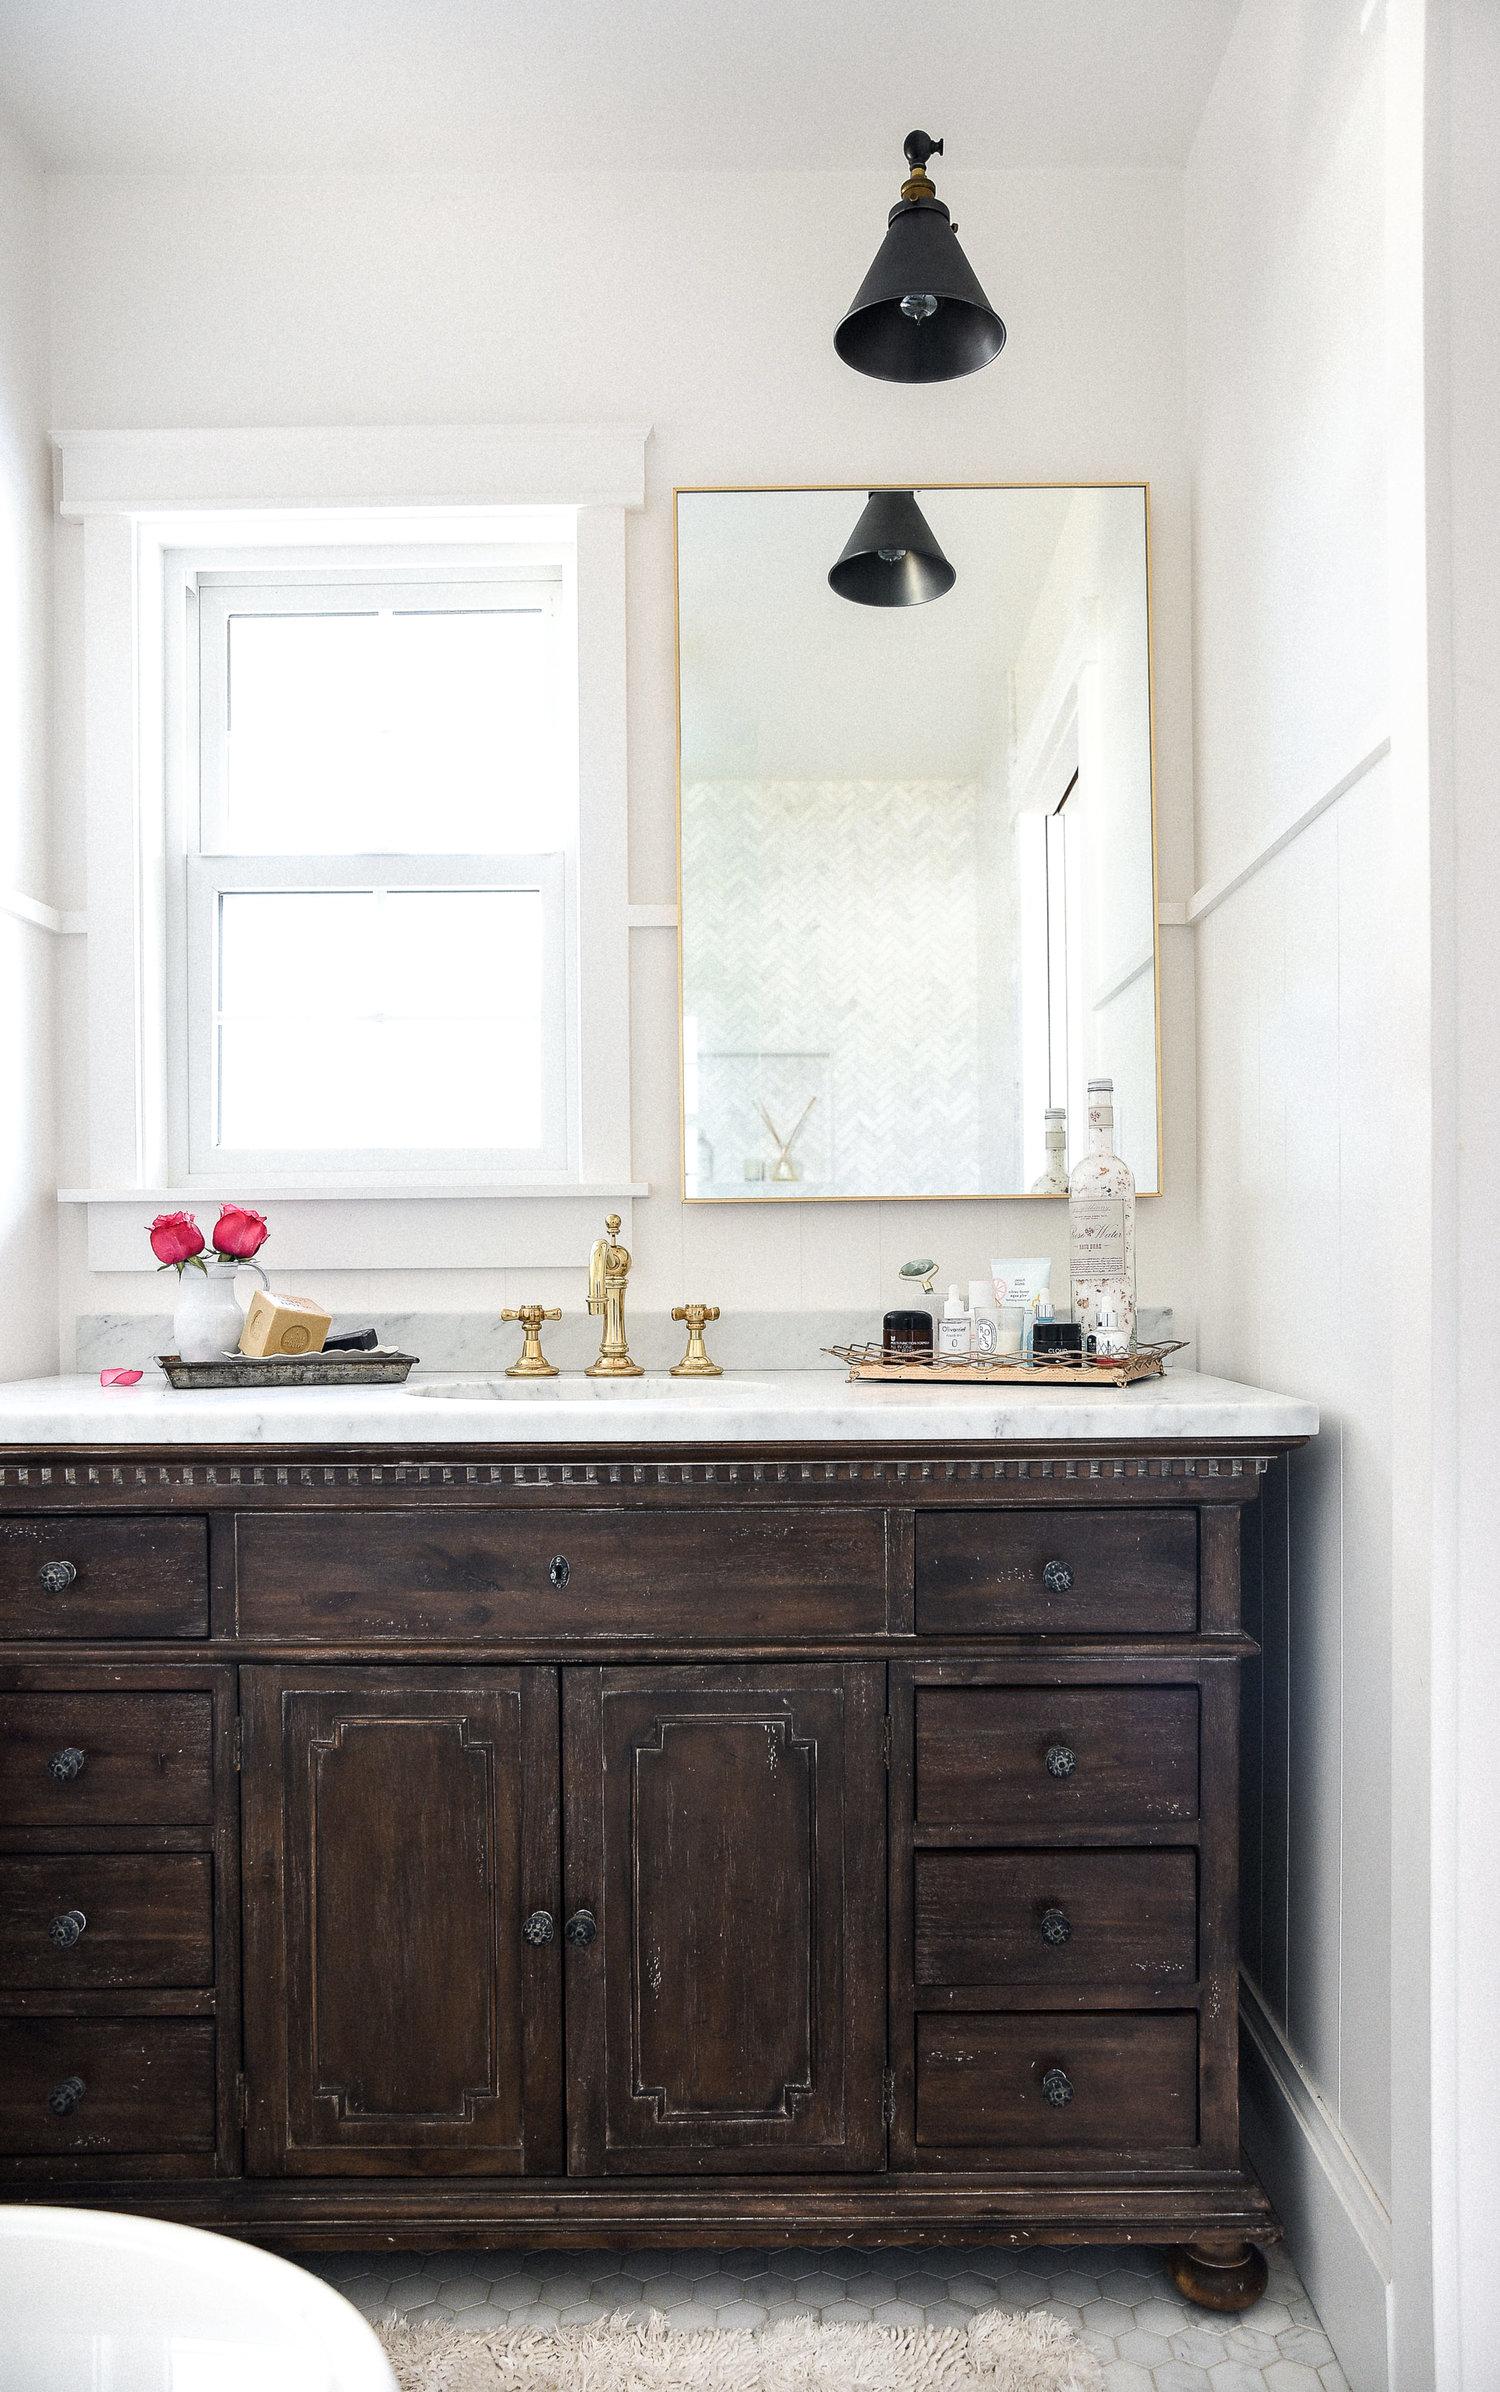 Marble+&+brass+bathroom+with+vintage+dark+wood+vanity+remodel.jpeg